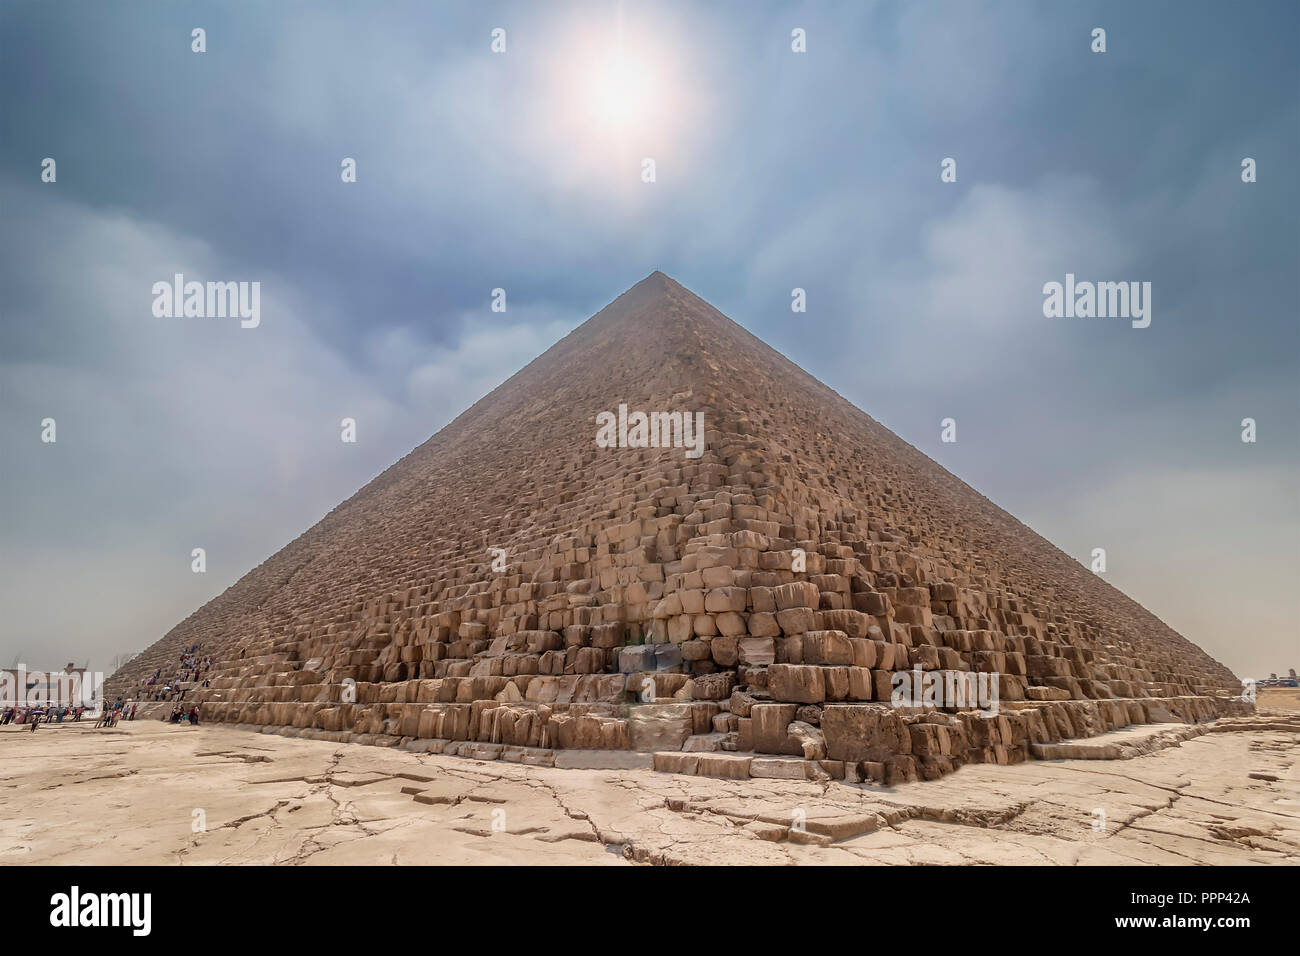 Die Pyramide des Cheops von der Sonne im Gegenlicht beleuchtet, mit den Menschen innerhalb der Eingabe, sie zu besuchen. Der Bereich mit den Pyramiden von Gizeh, Ägypten Stockbild